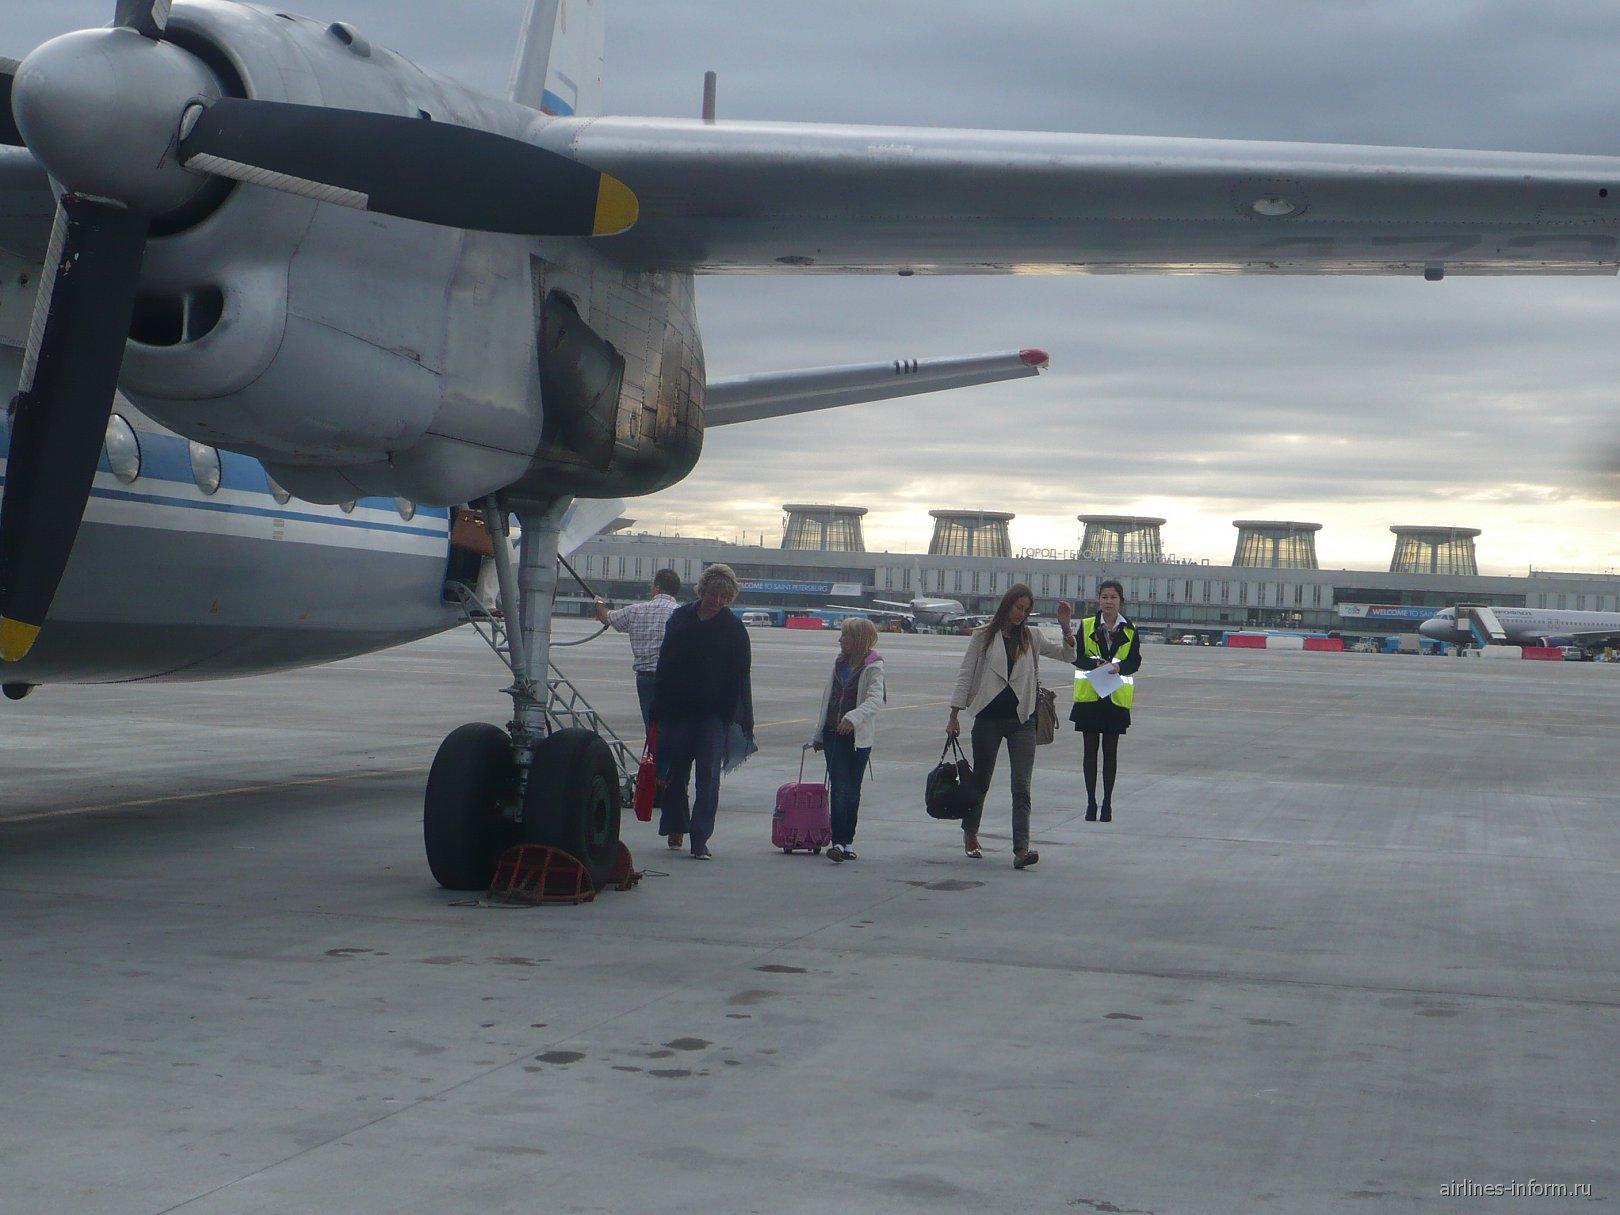 Самолет Ан-24 авиакомпании Псковавиа в аэропорту Пулково